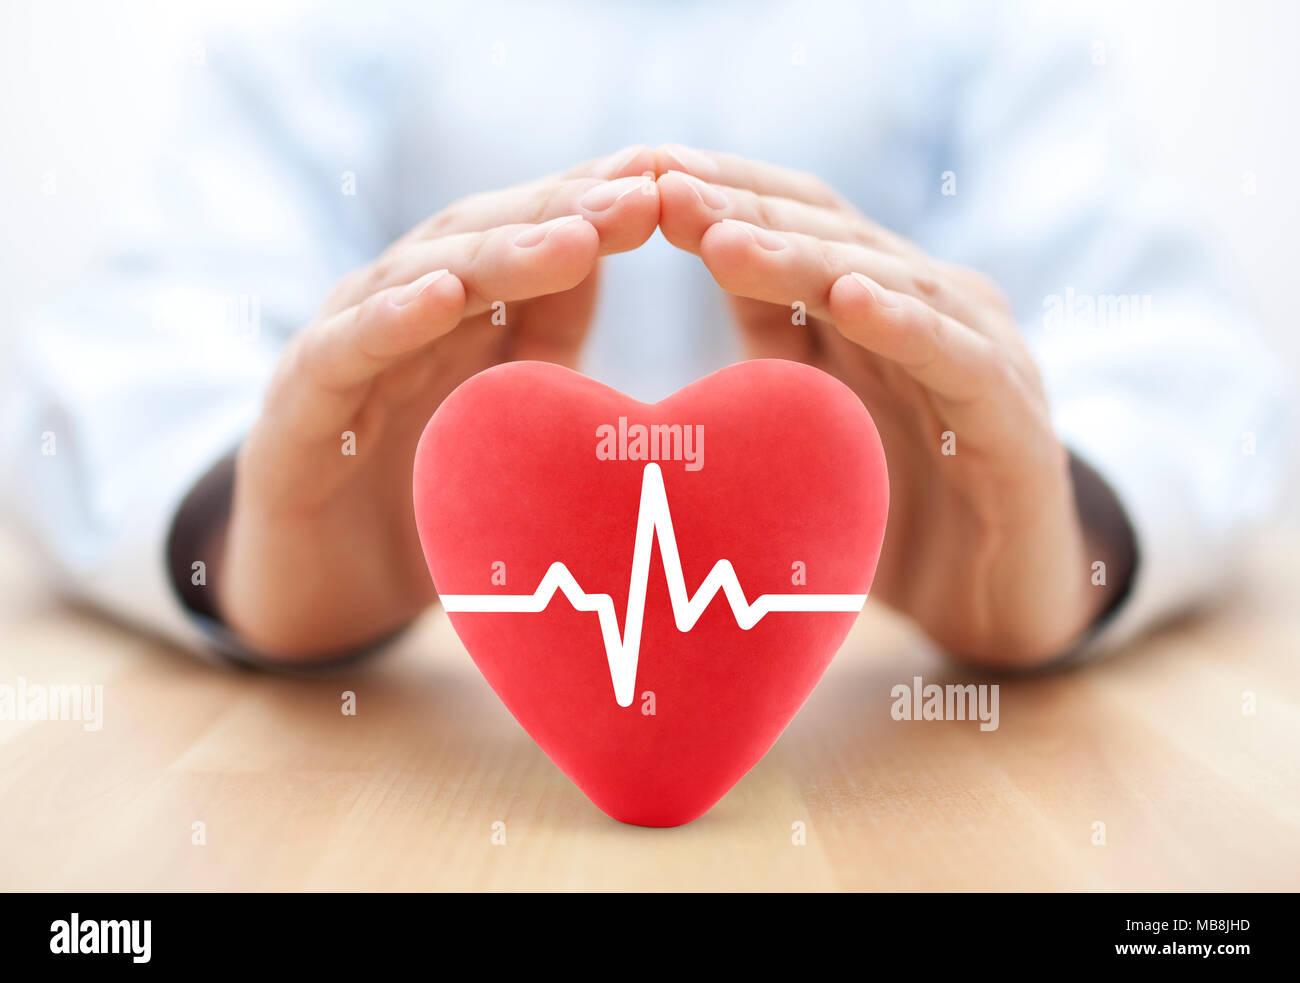 Pulso cardíaco cubiertos por las manos. Concepto de seguros de salud Imagen De Stock